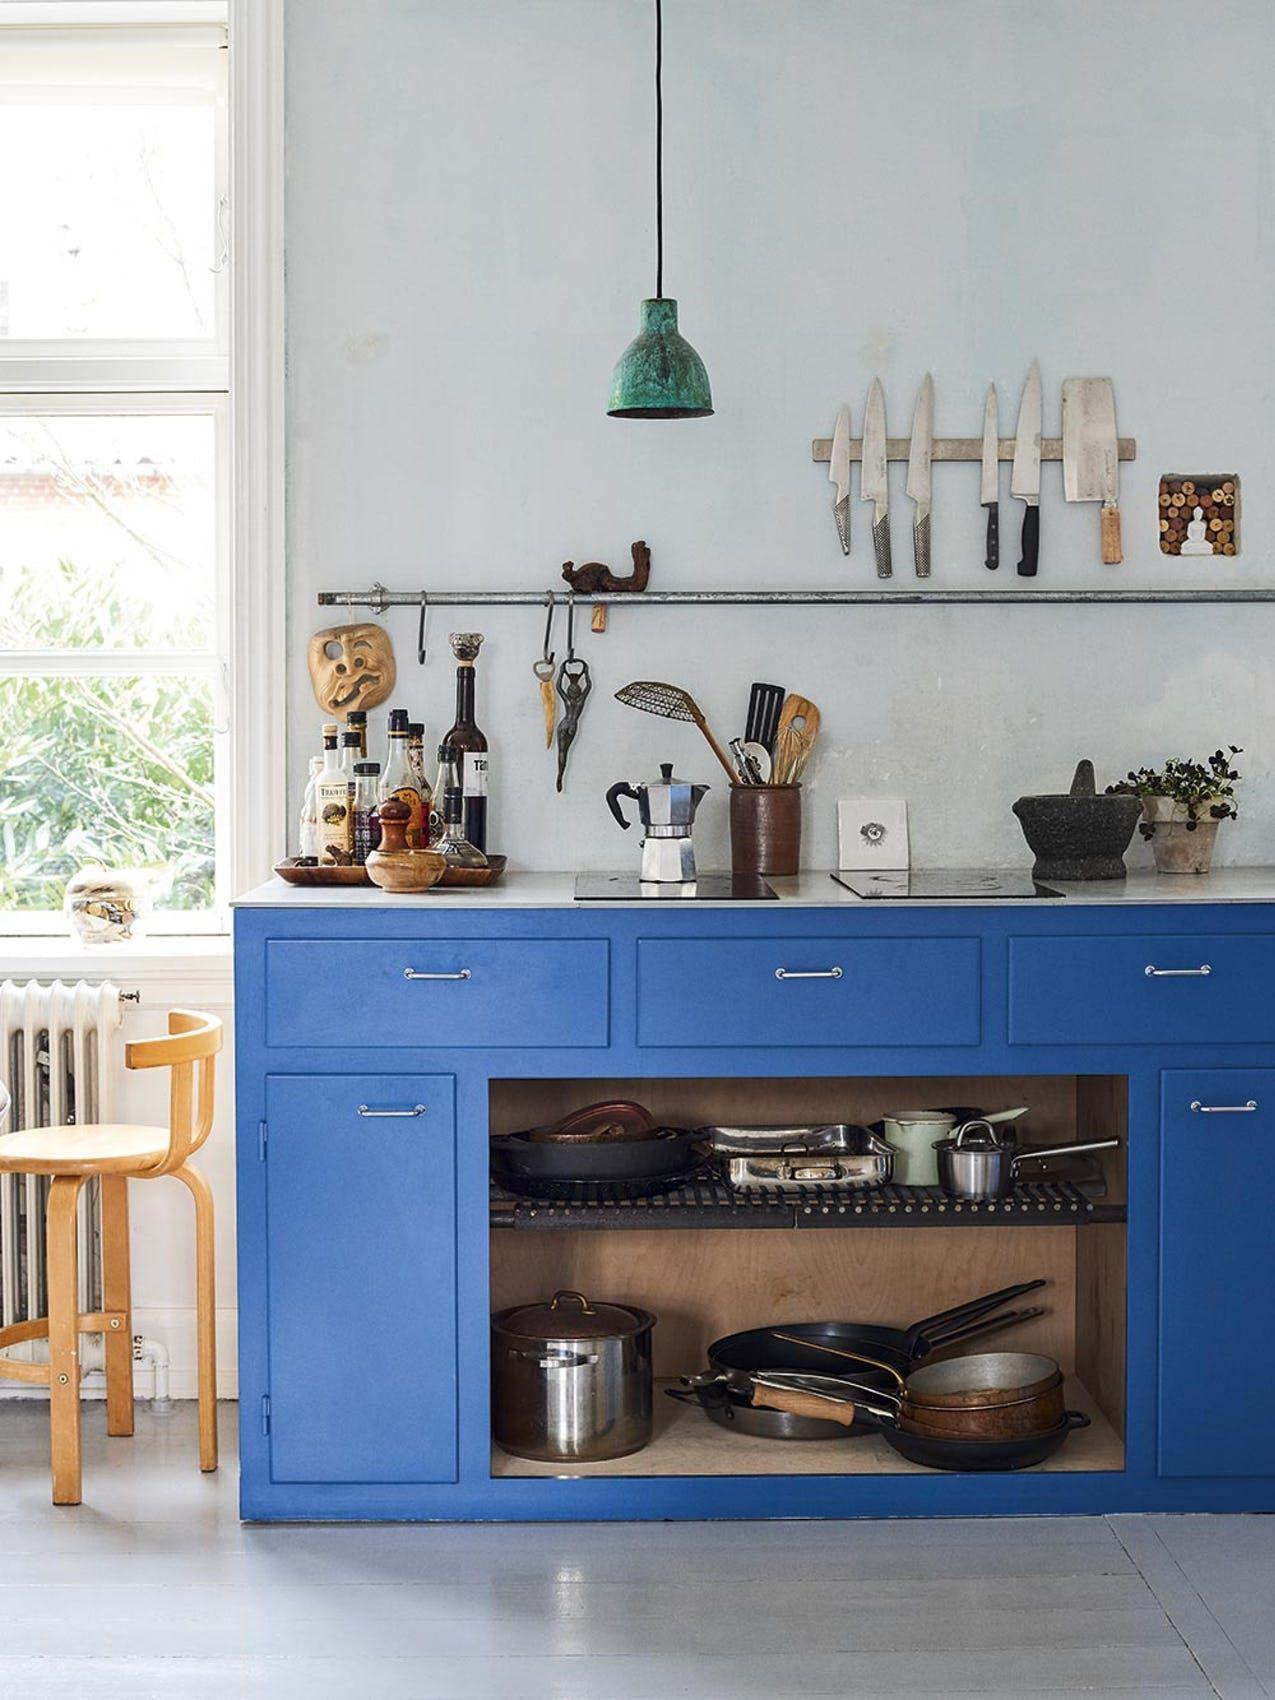 Innenarchitektur für küchenschrank stemningsfuld lejebolig med et køkken du ikke ser magen til andre